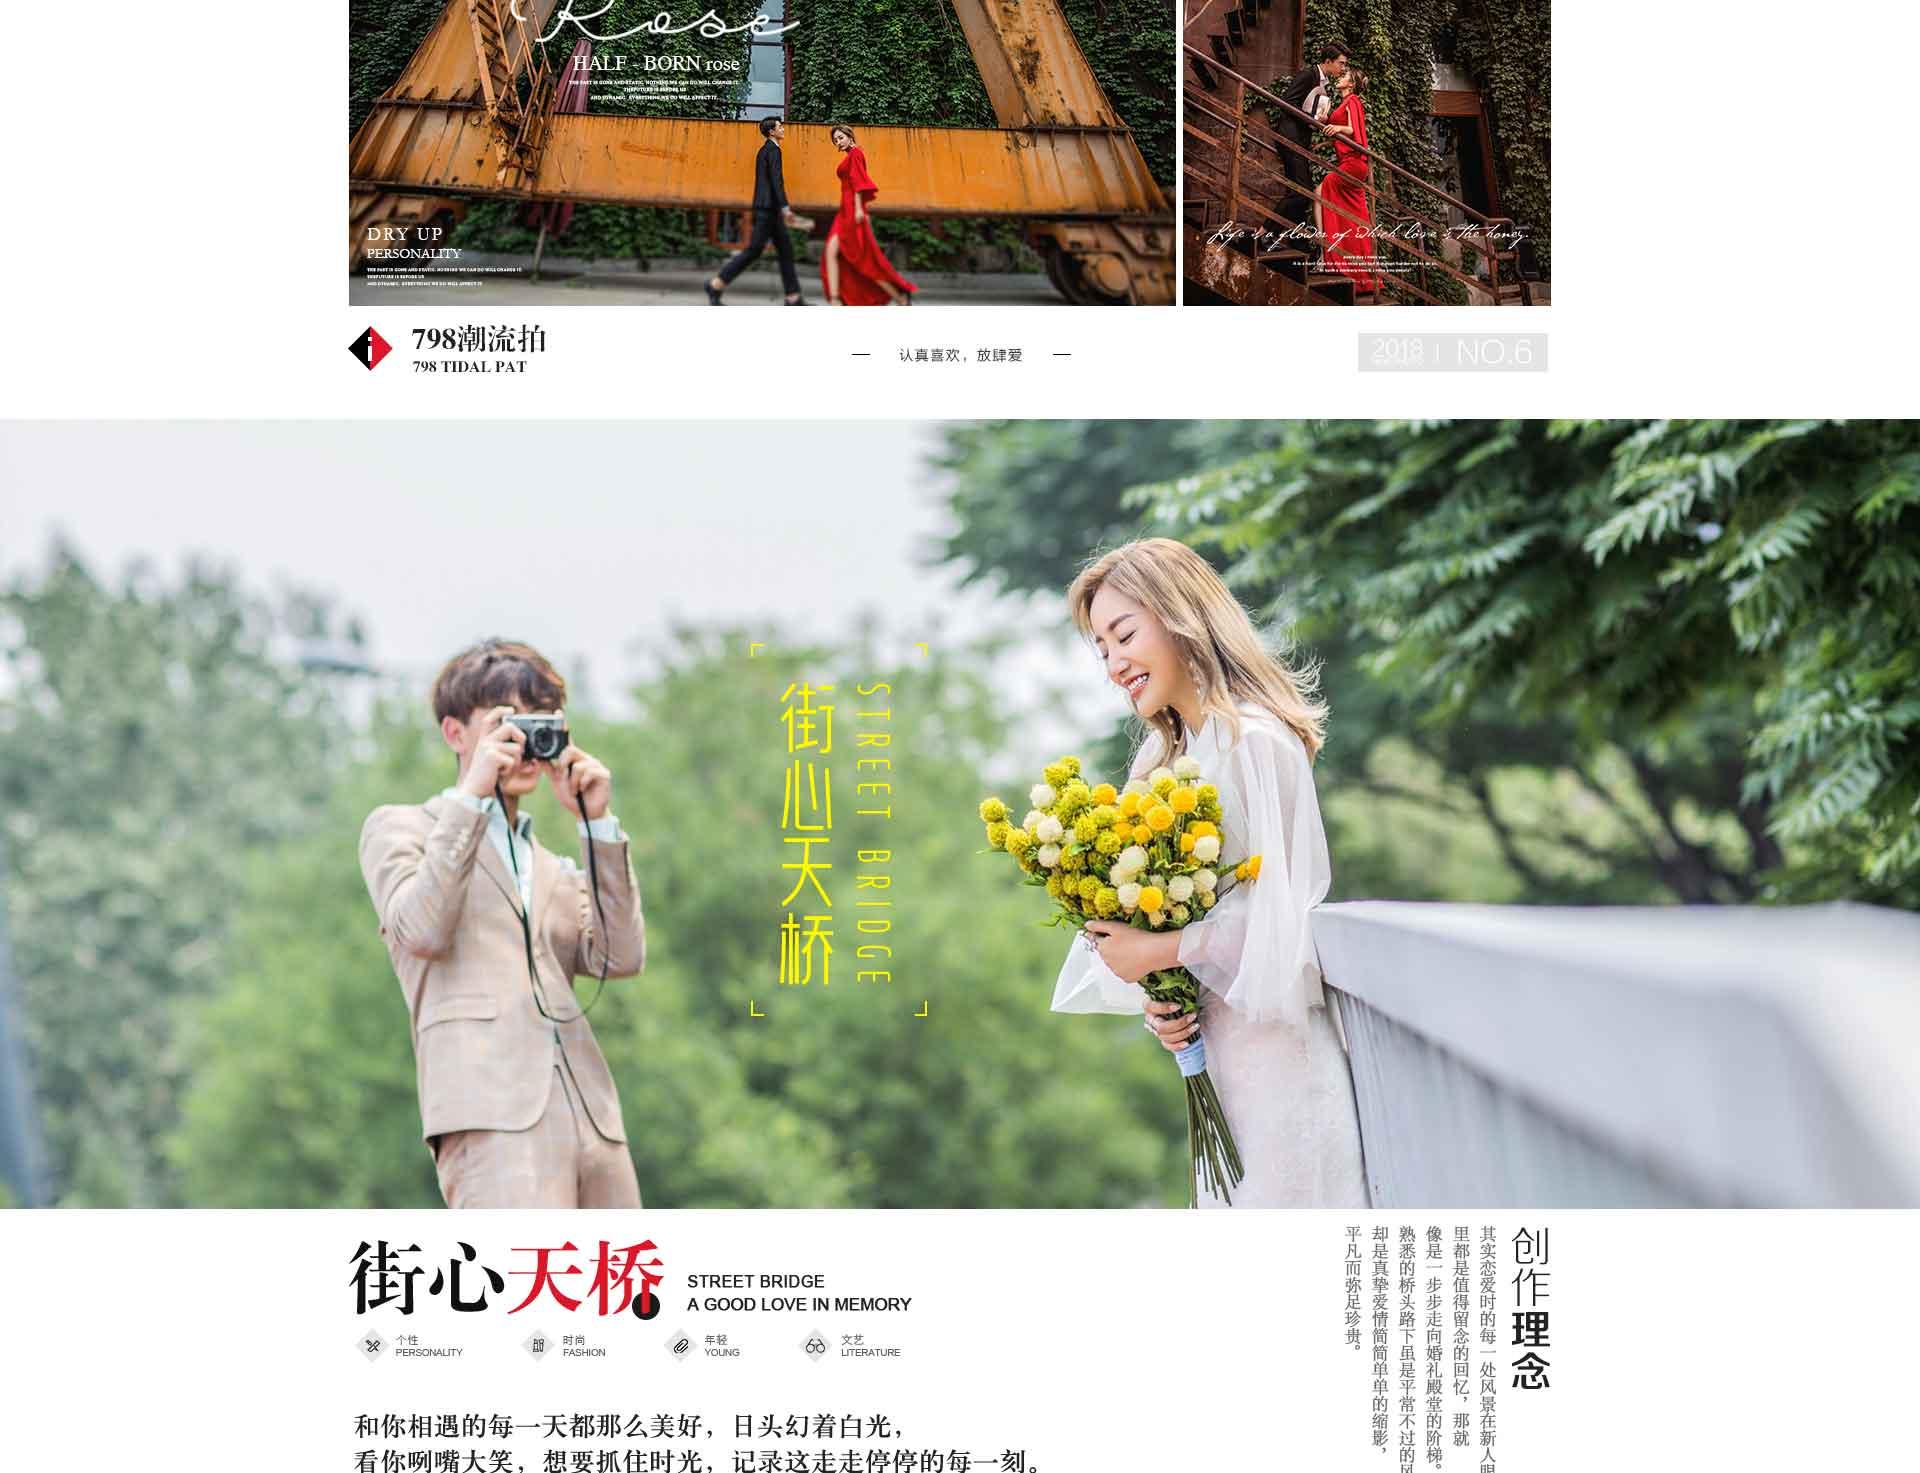 北京爱情长图-预览_18.jpg